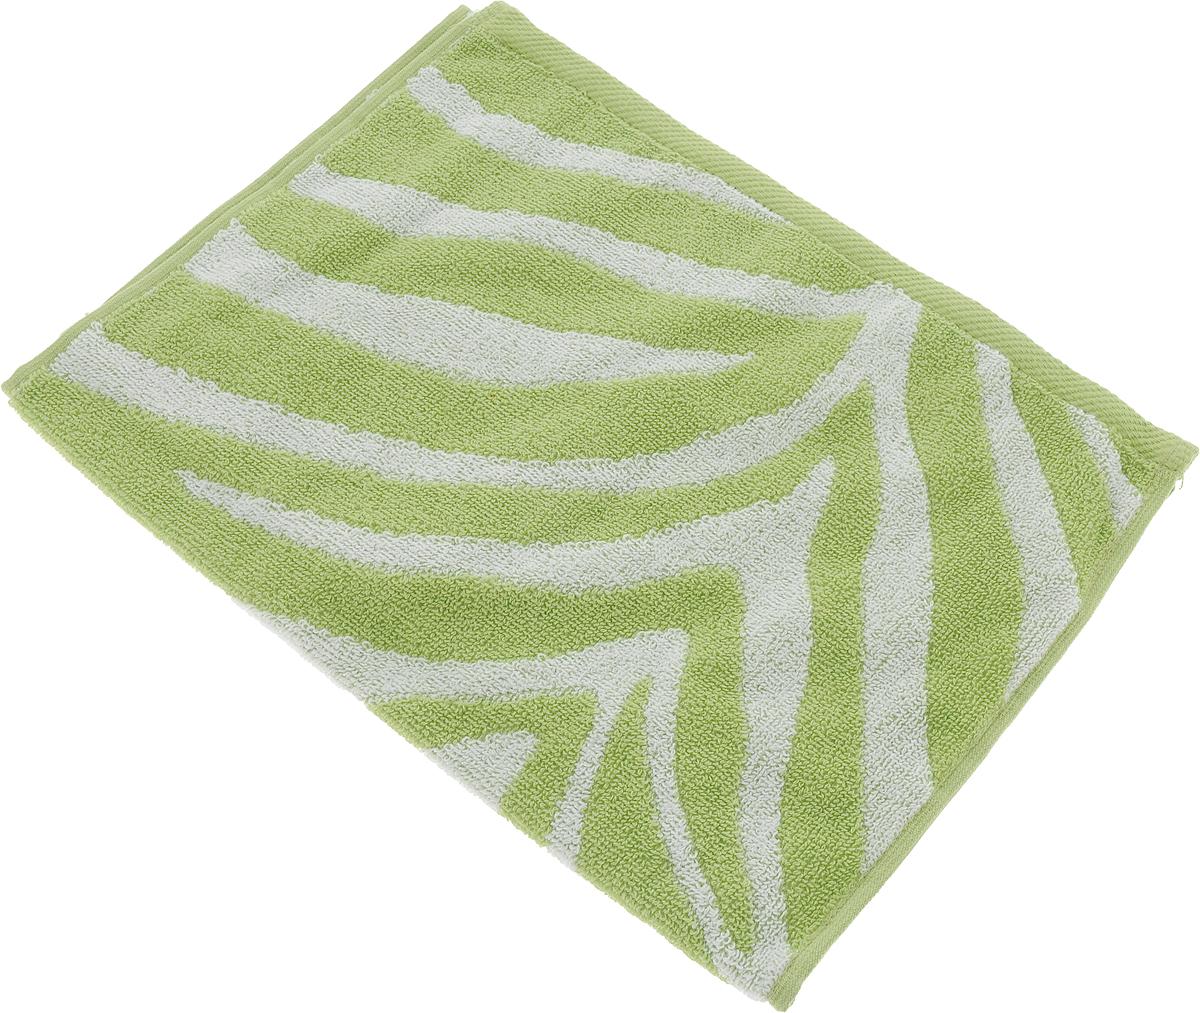 """Махровое полотенце Aquarelle """"Мадагаскар. Зебра"""" изготовлено из натурального 100% хлопка.Это мягкое и нежное полотенце добавит ярких красок и позитивного настроя в каждый день. Изделие отлично впитывает влагу, быстро сохнет, сохраняет яркость цвета даже после многократных стирок."""